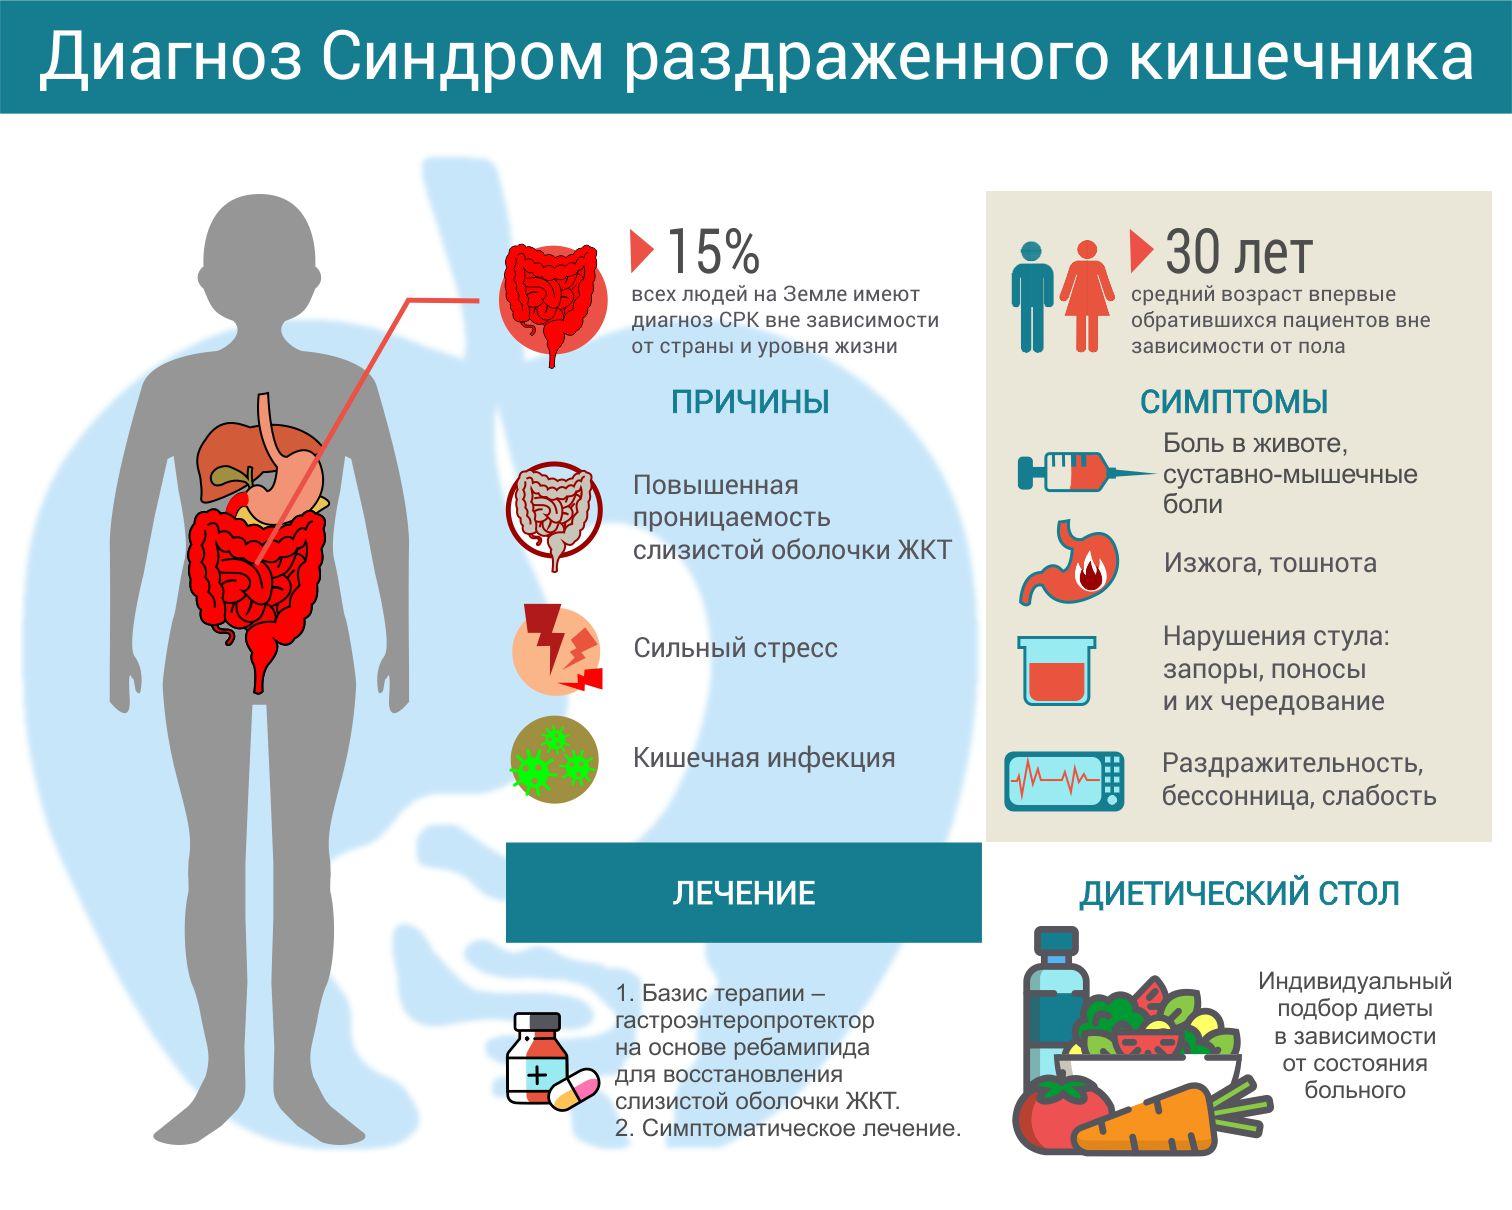 Коррекция дисбактериоза у больных с синдромом раздраженного кишечника